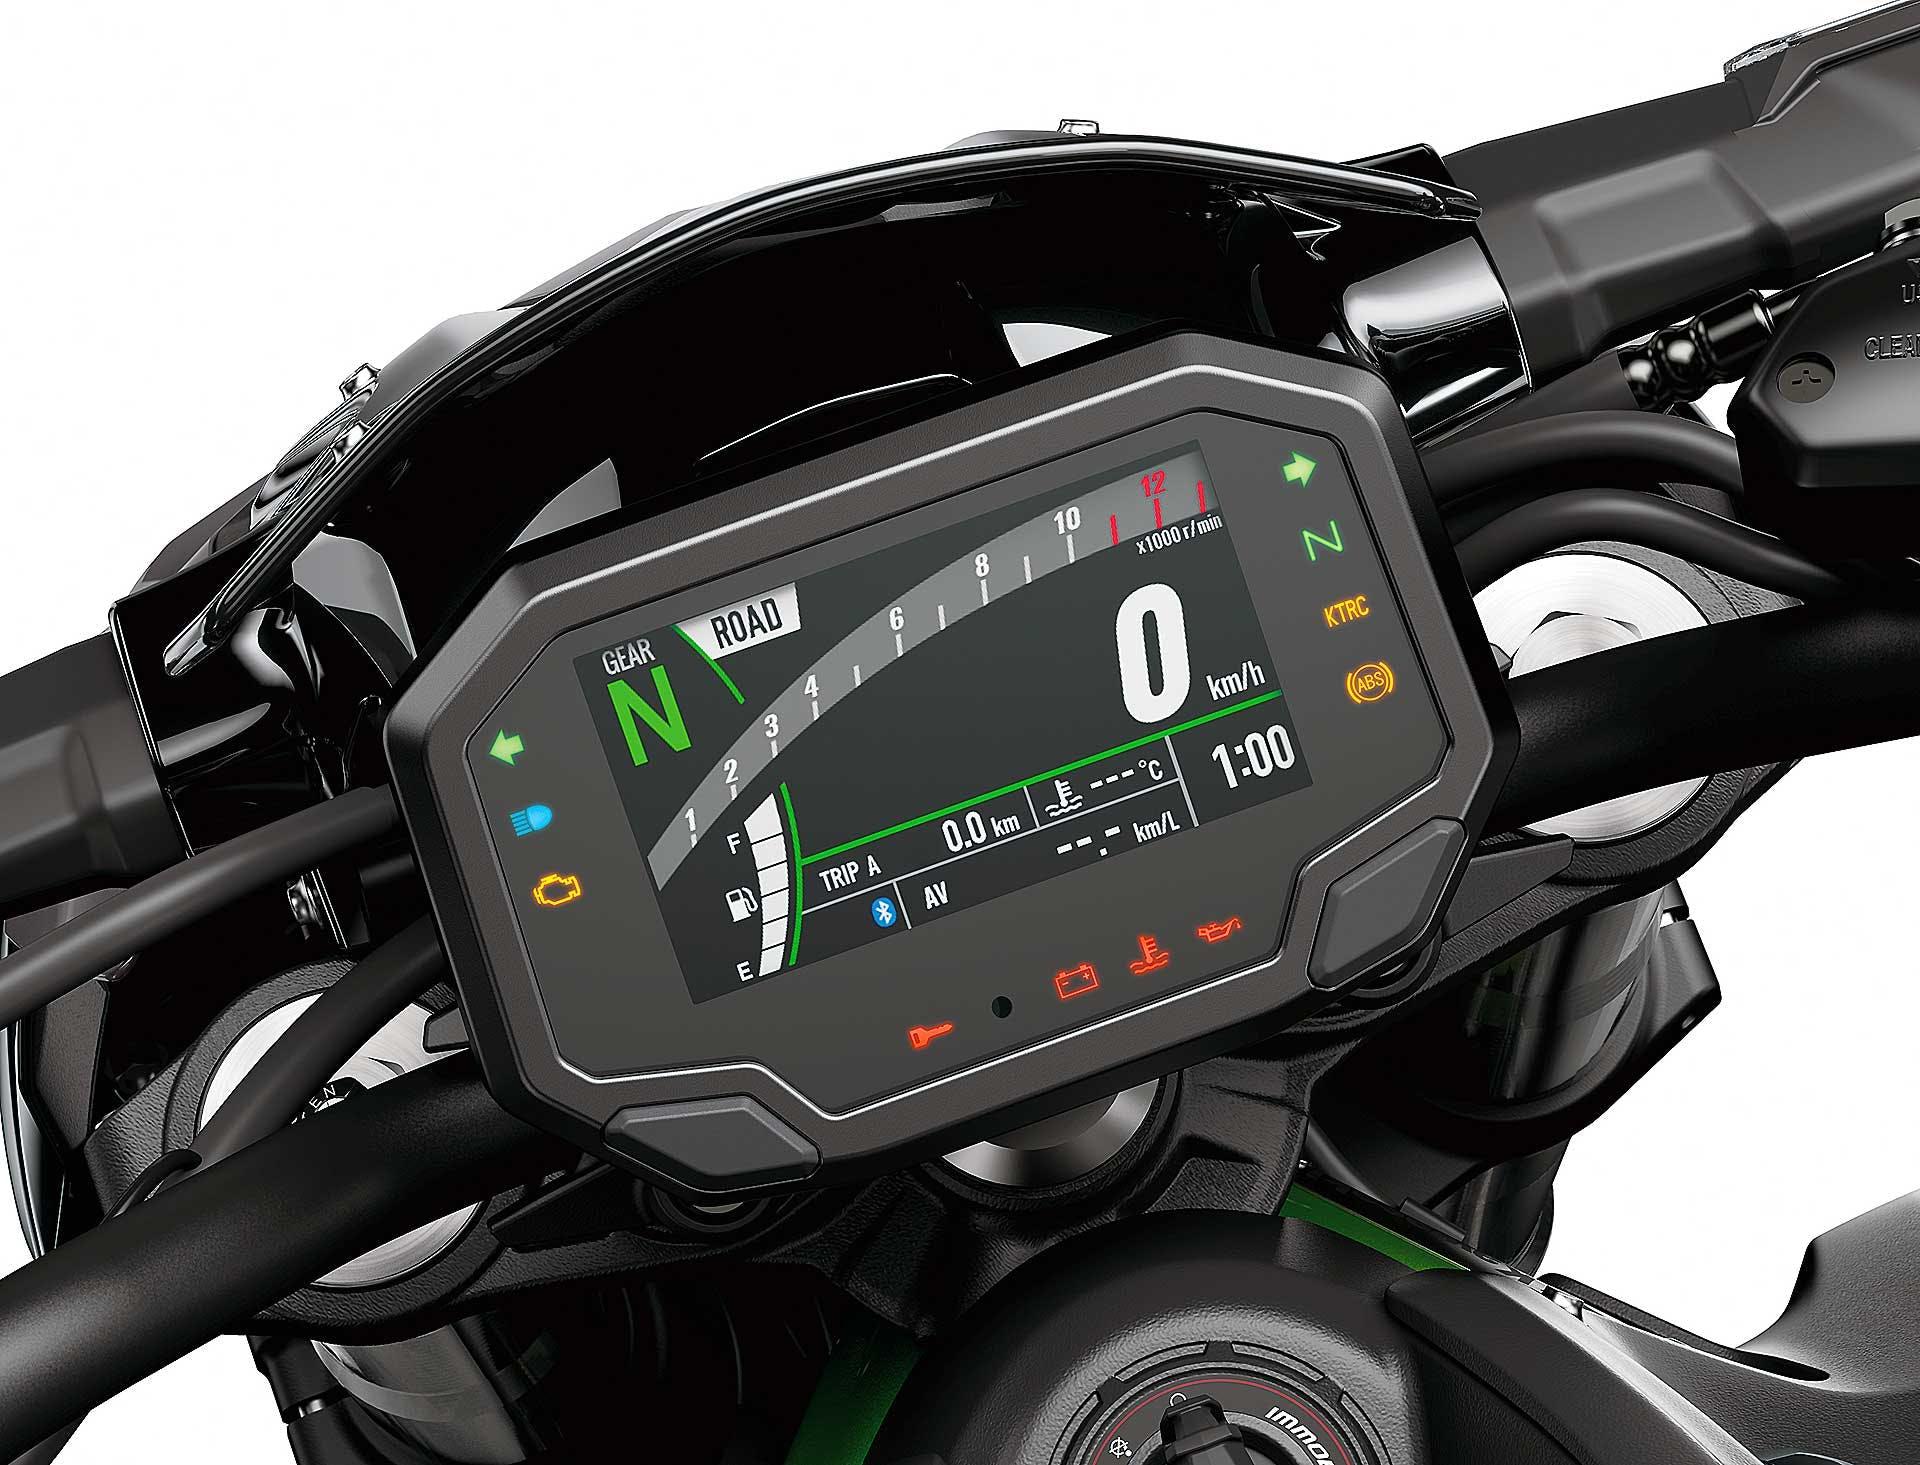 Prova Kawasaki Z900 2020 dettaglio strumentazione digitale connessa moto